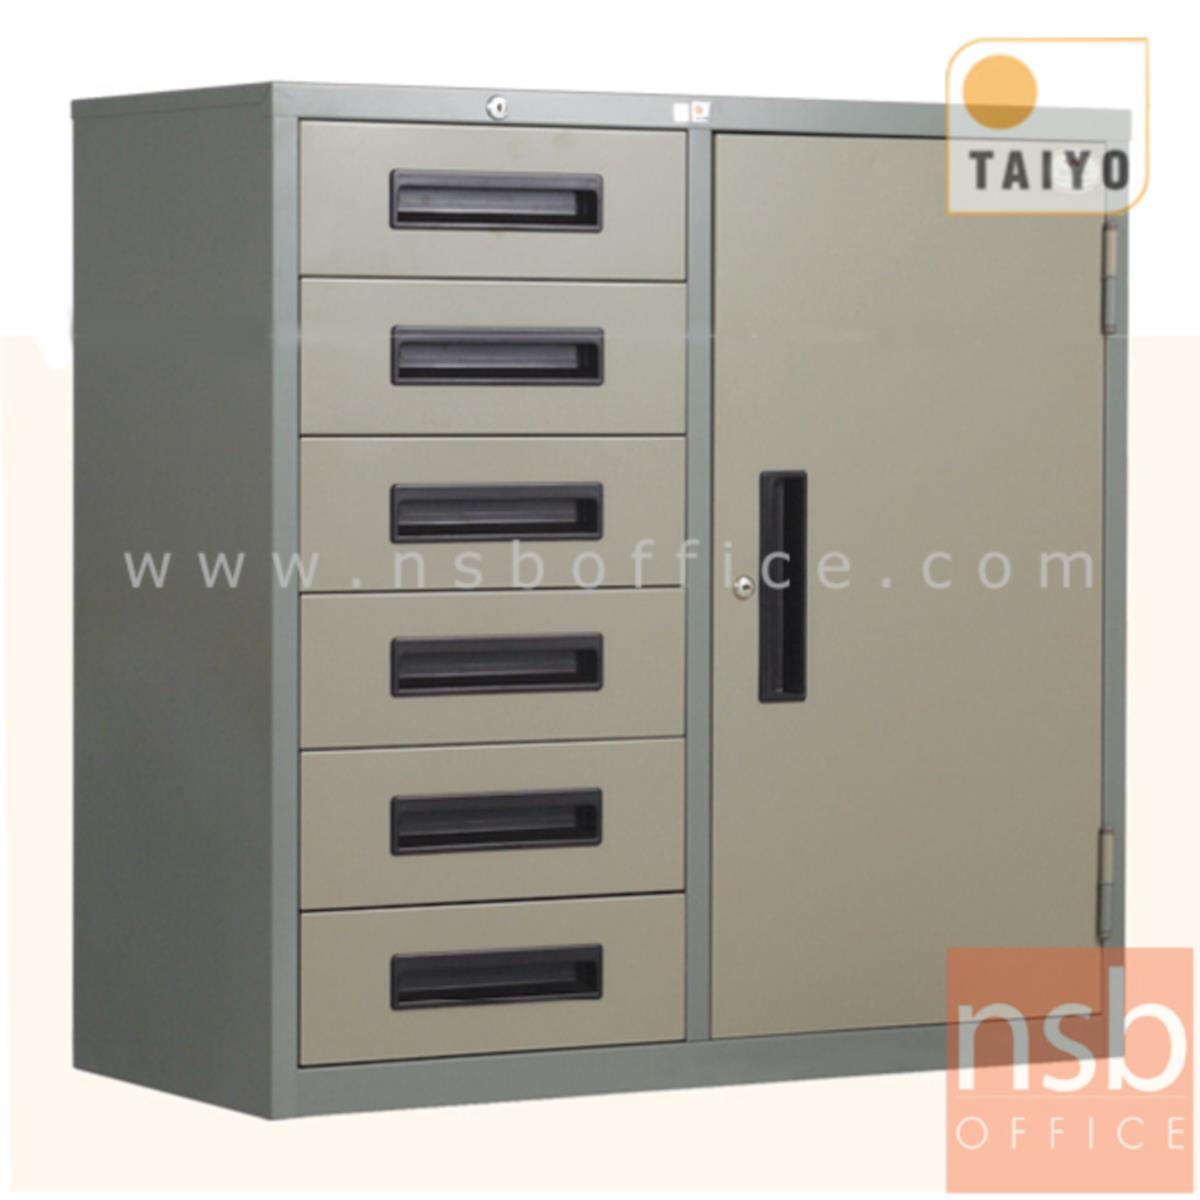 E02A013:ตู้เหล็กเอนกประสงค์ 1 ประตู 6 ลิ้นชัก (ขนาด 3 ฟุต) รุ่น RD-106